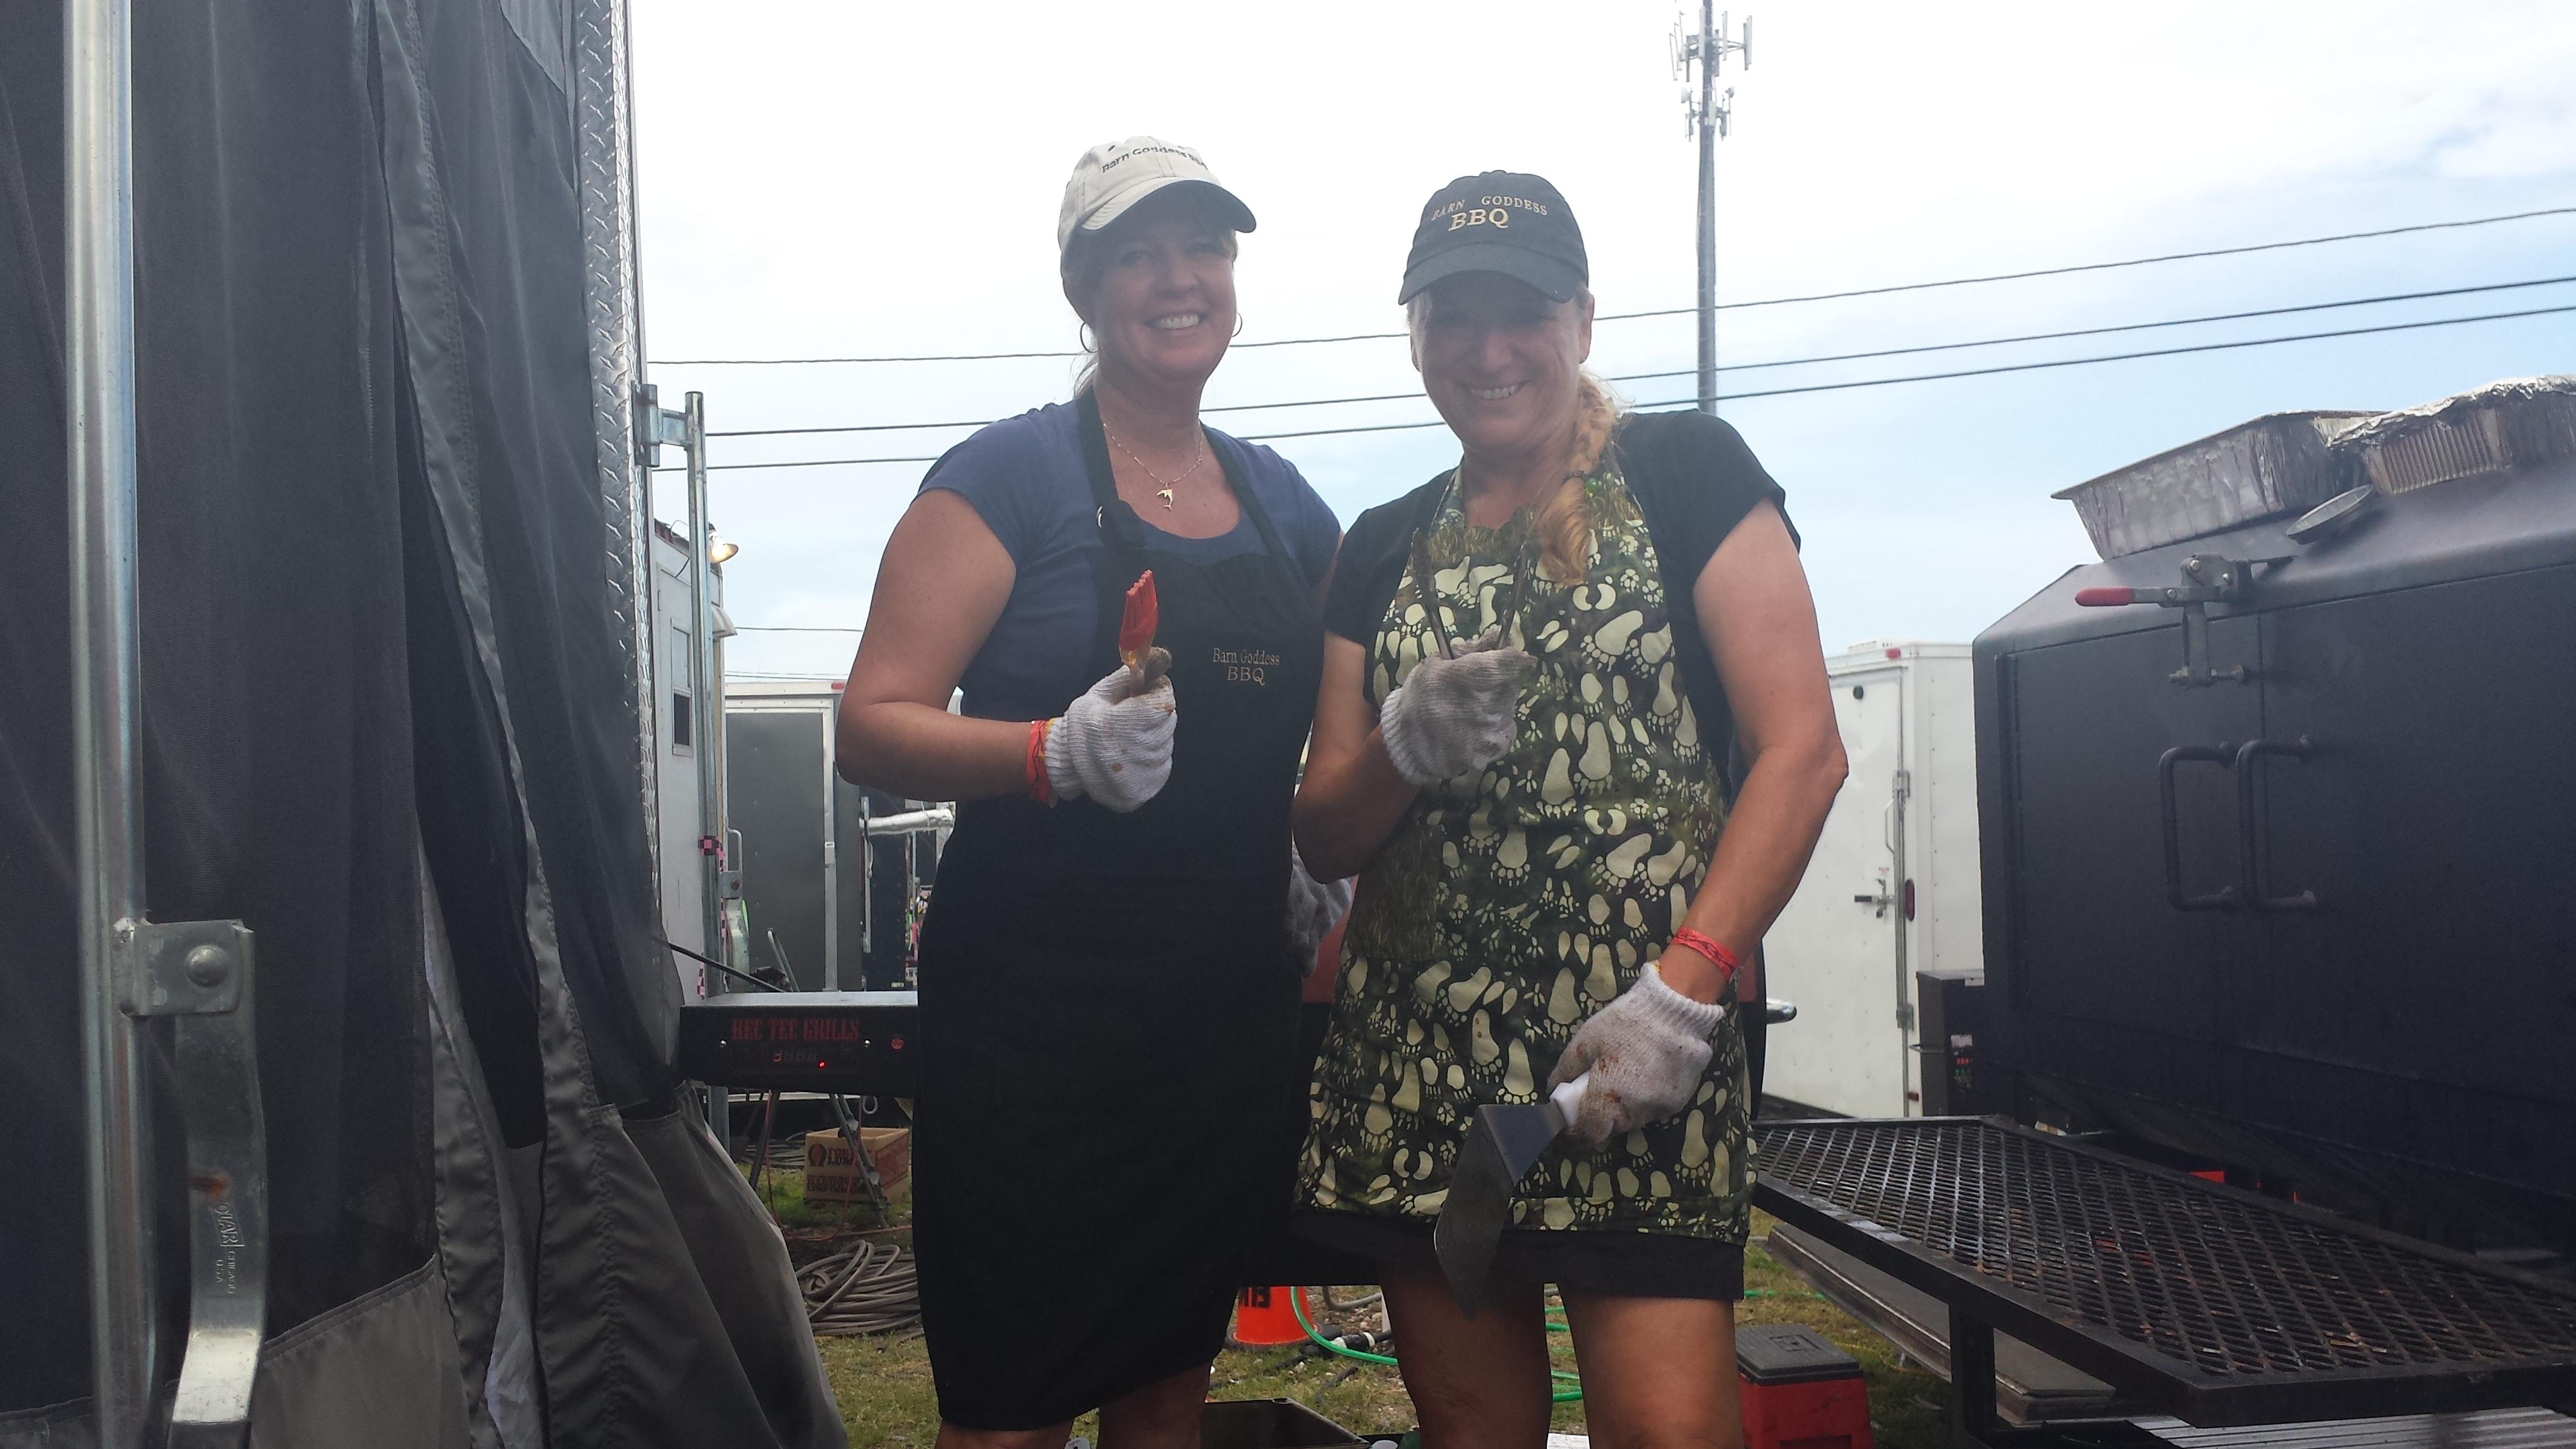 Me and Lori smoking bbq